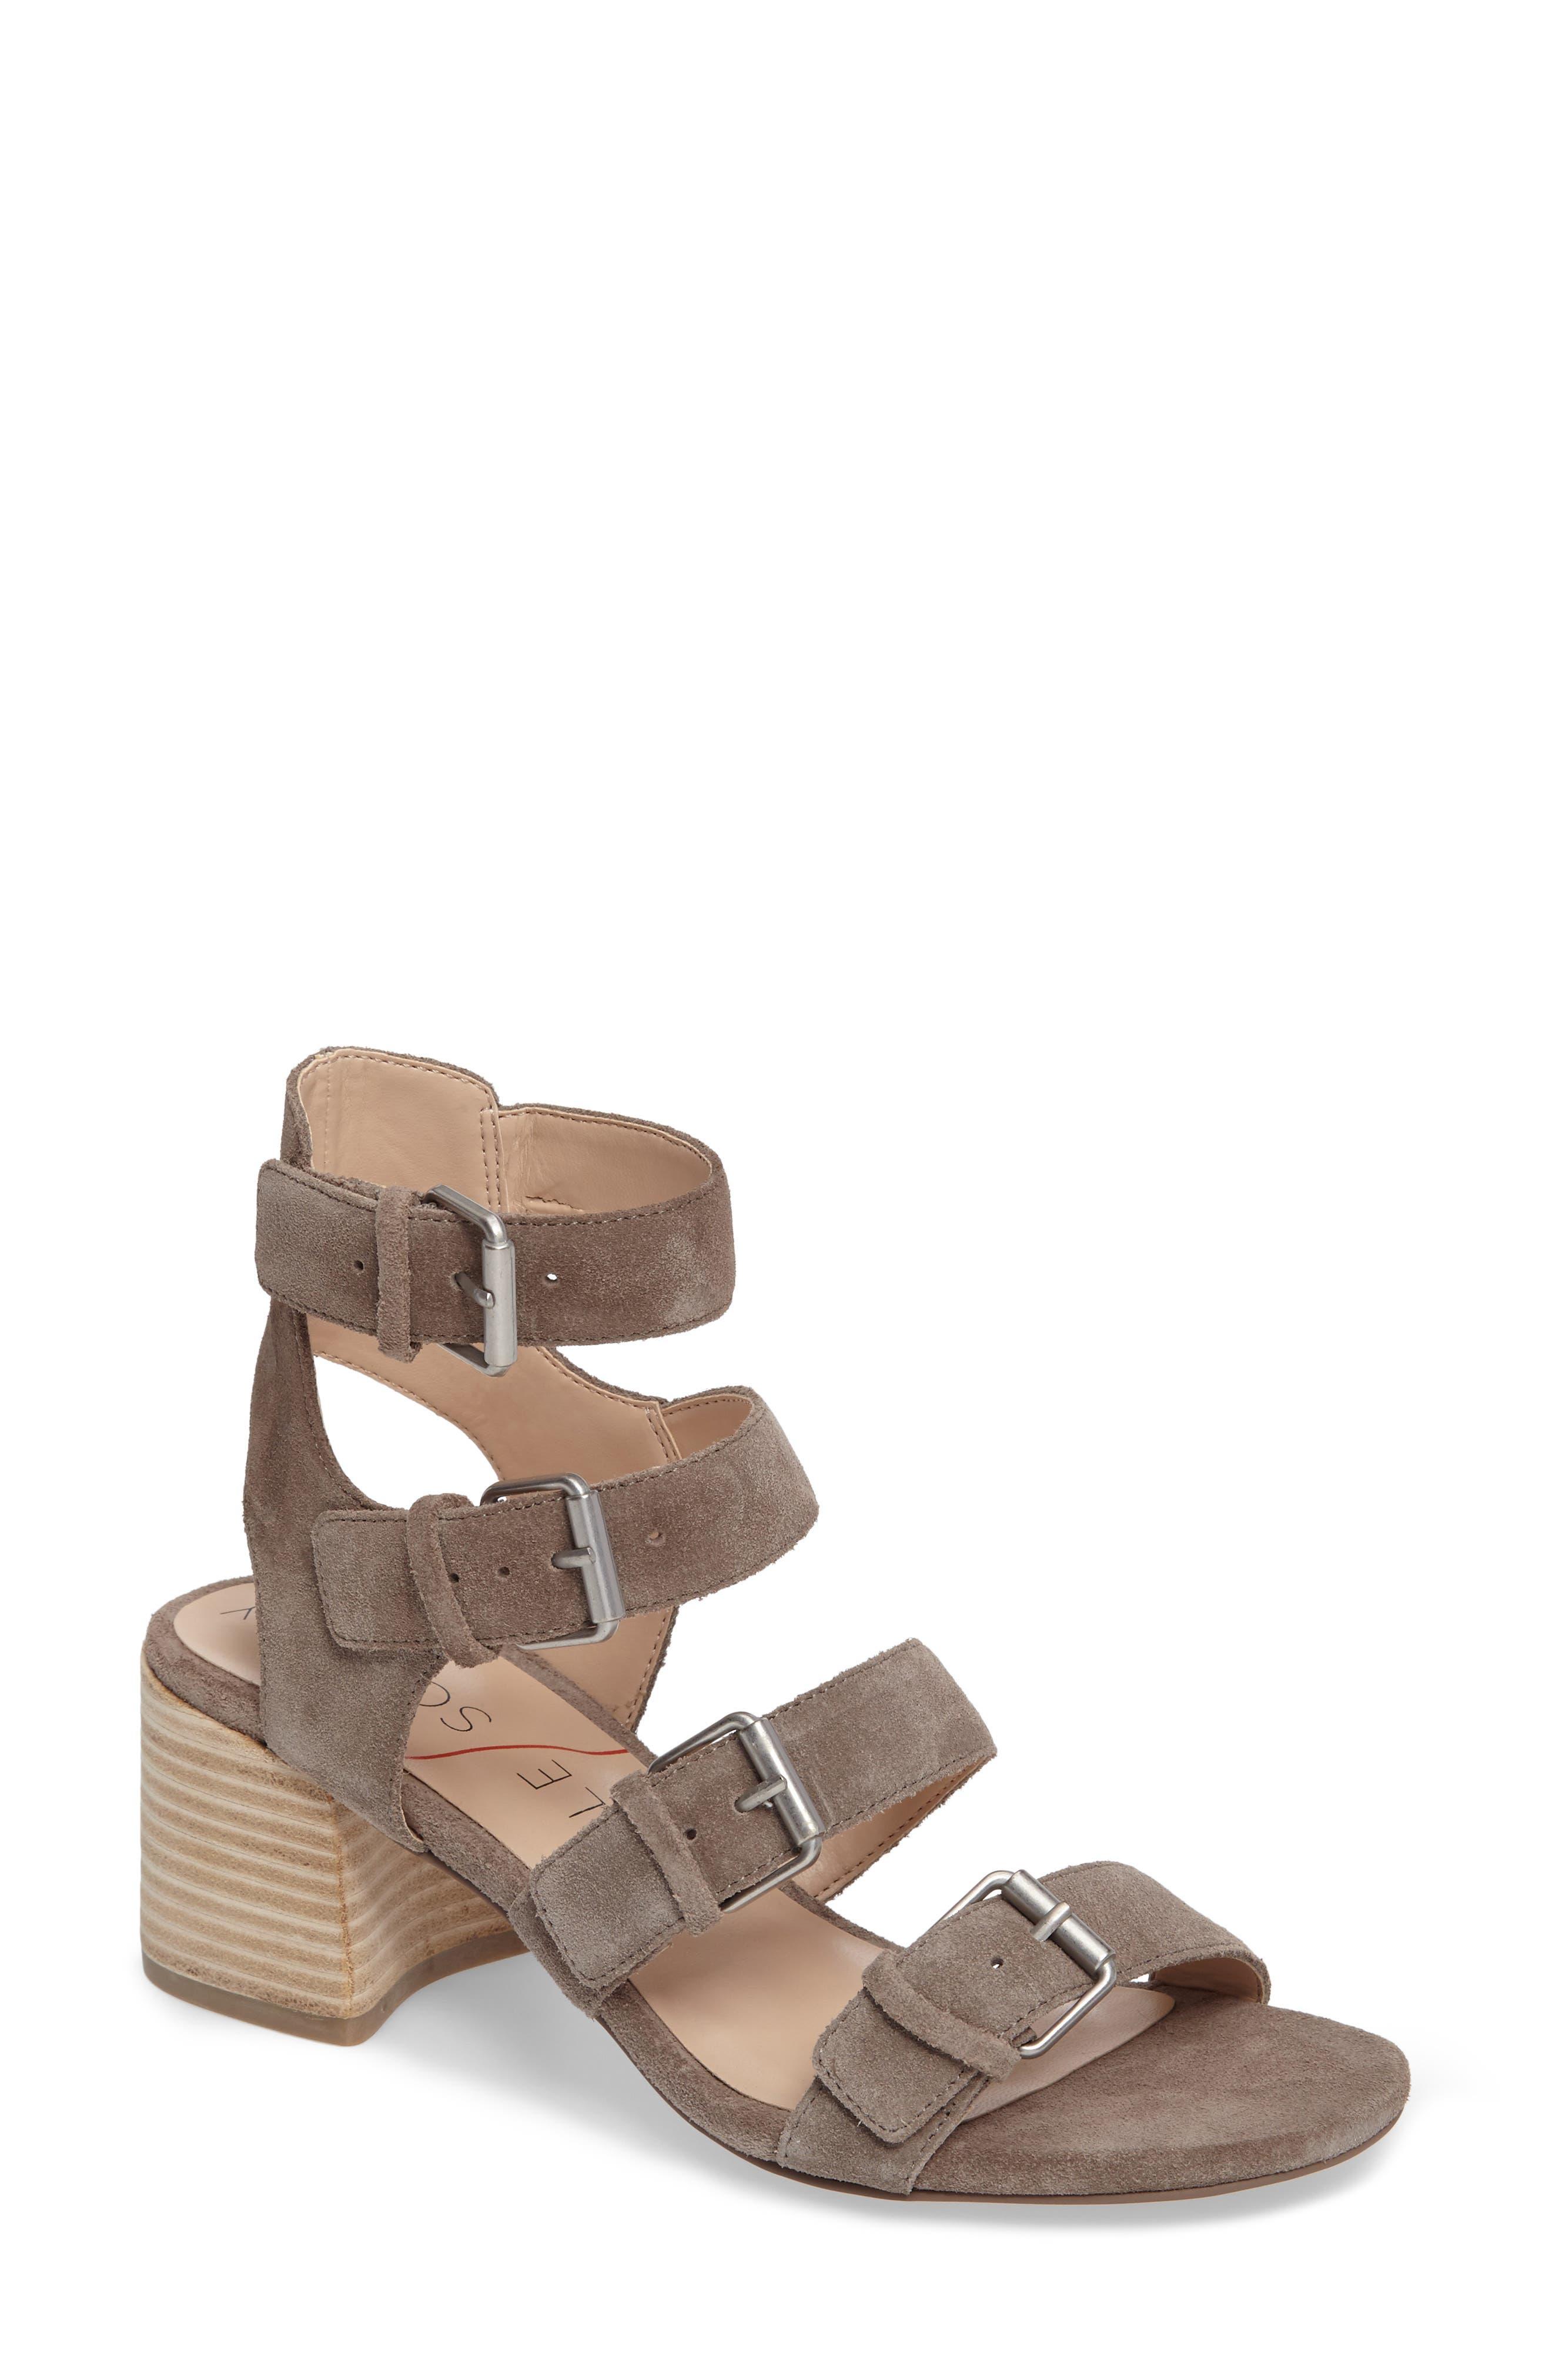 Culver Block Heel Sandal,                             Main thumbnail 1, color,                             MUSHROOM SUEDE